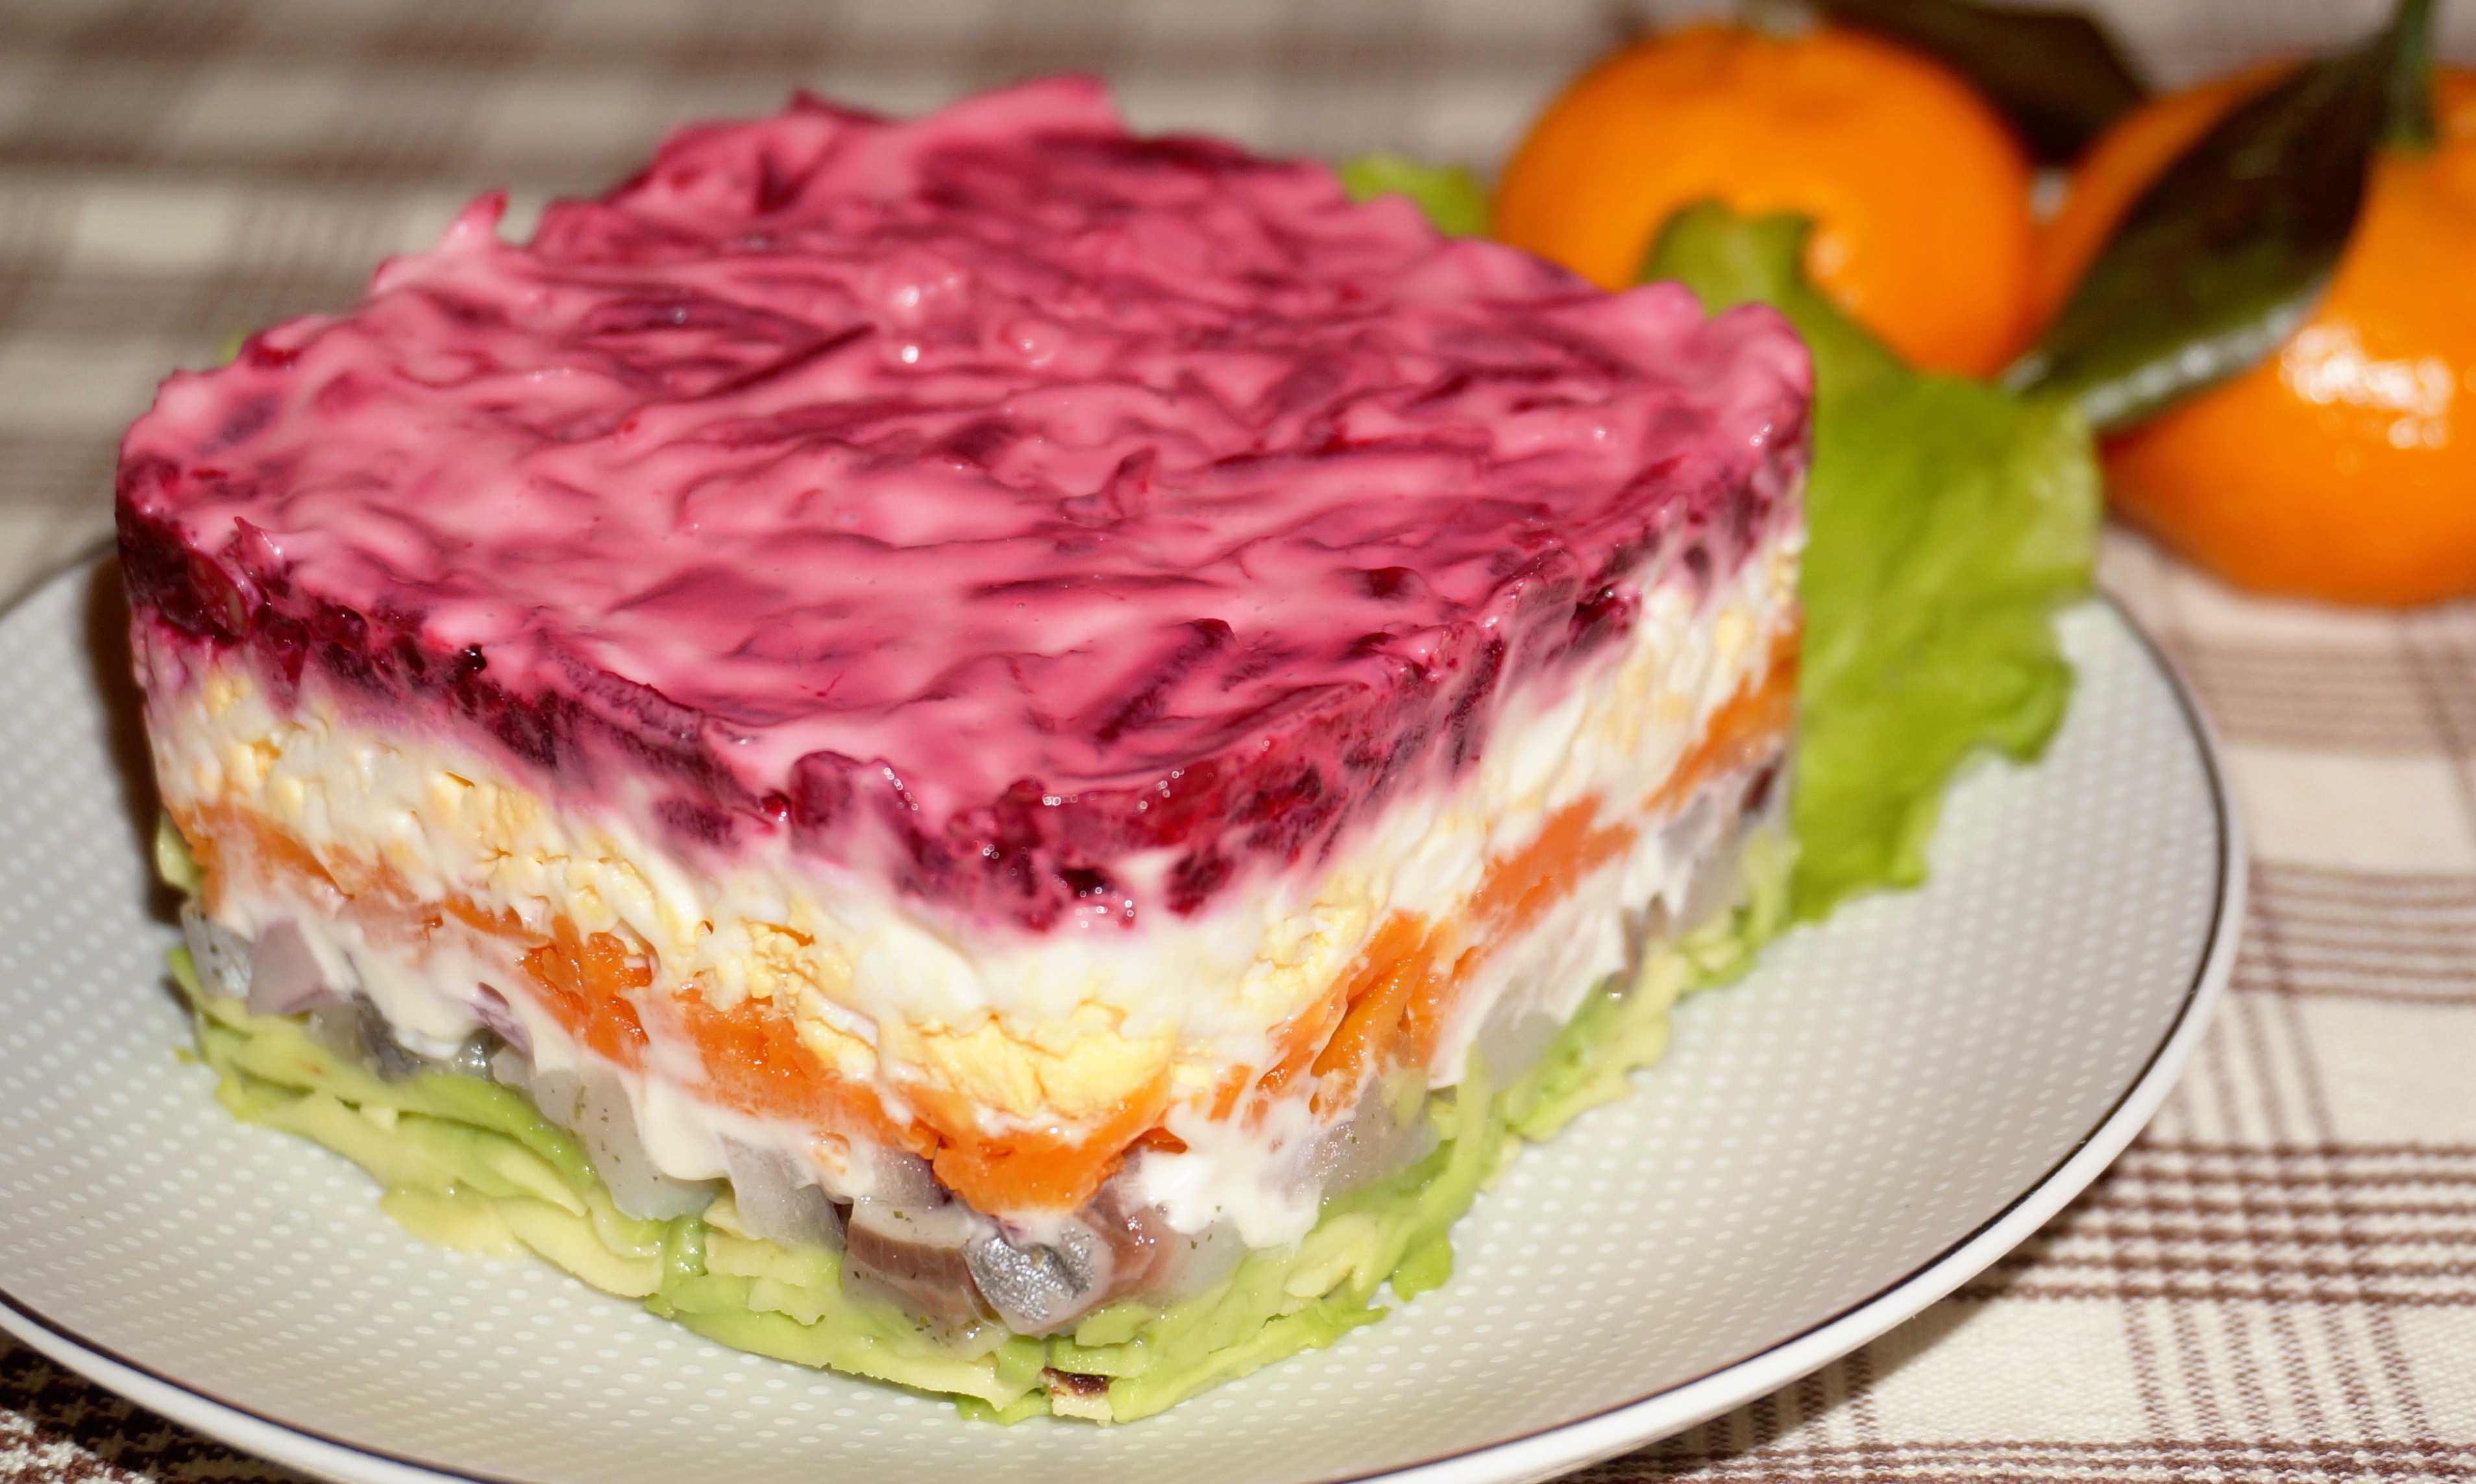 Готовим салат слоеный царская шуба с семгой и икрой: поиск по ингредиентам, советы, отзывы, пошаговые фото, подсчет калорий, удобная печать, изменение порций, похожие рецепты